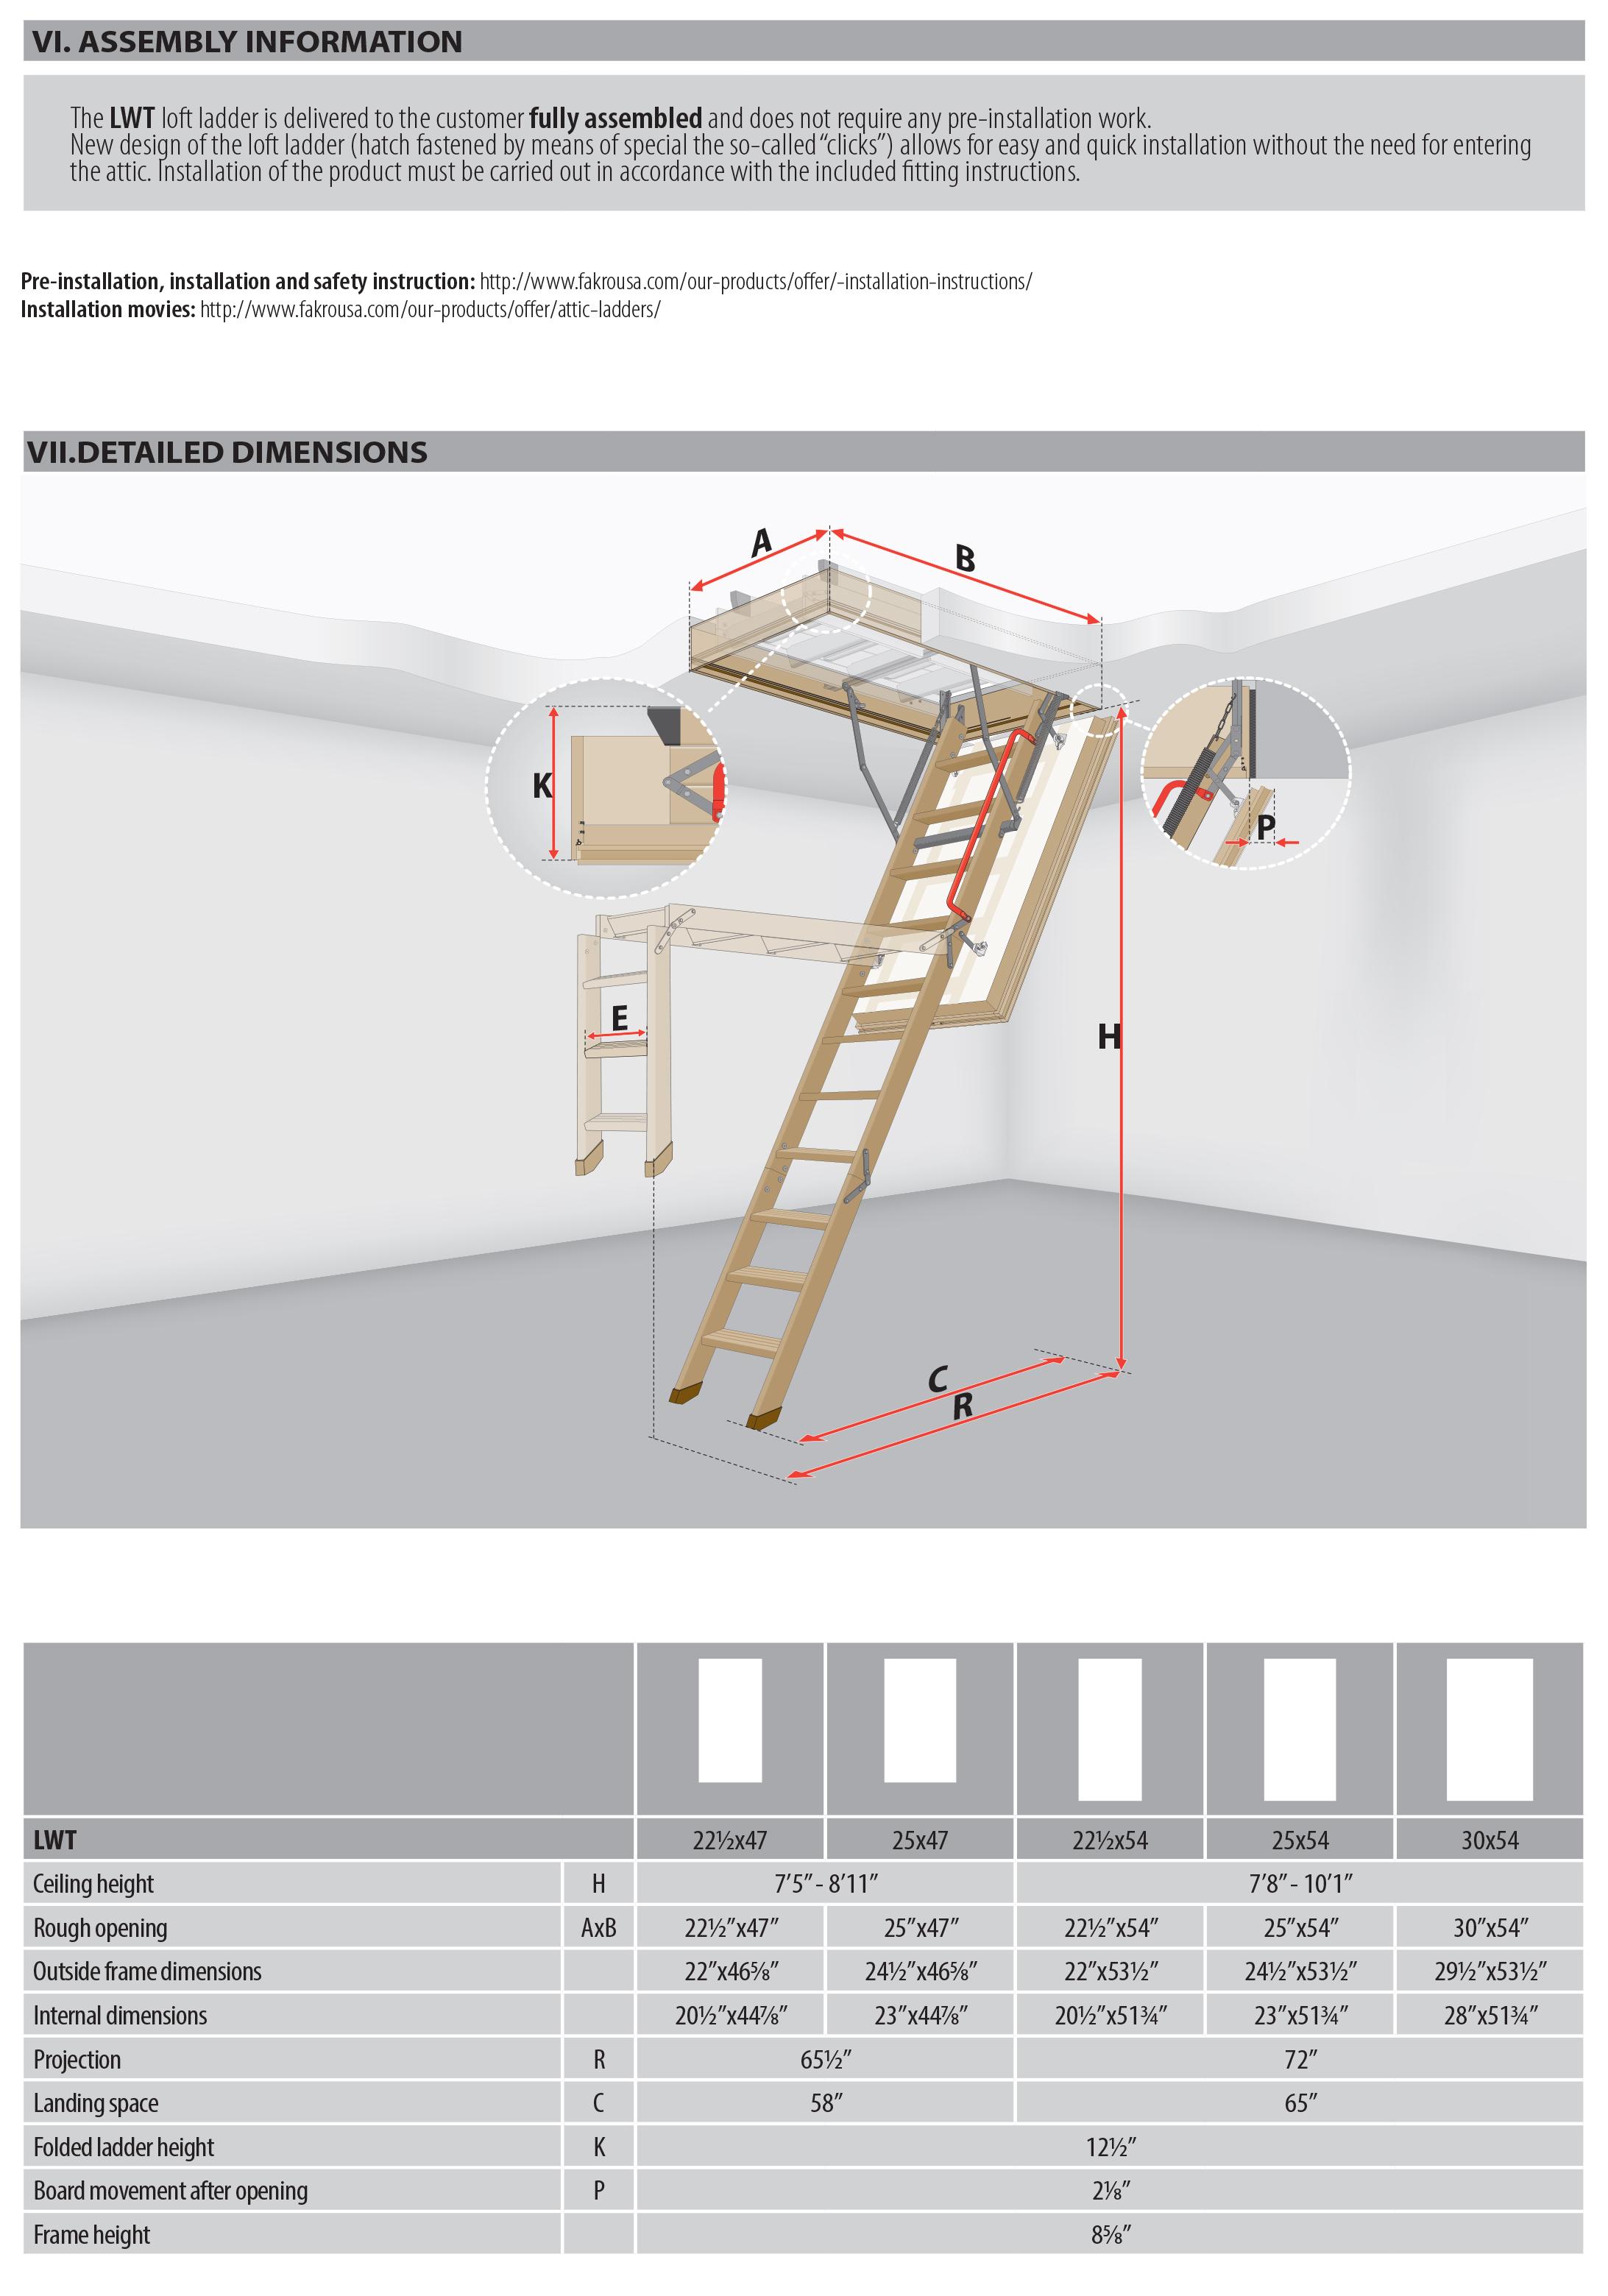 fakro-lwt-technical-sheet-2.jpg